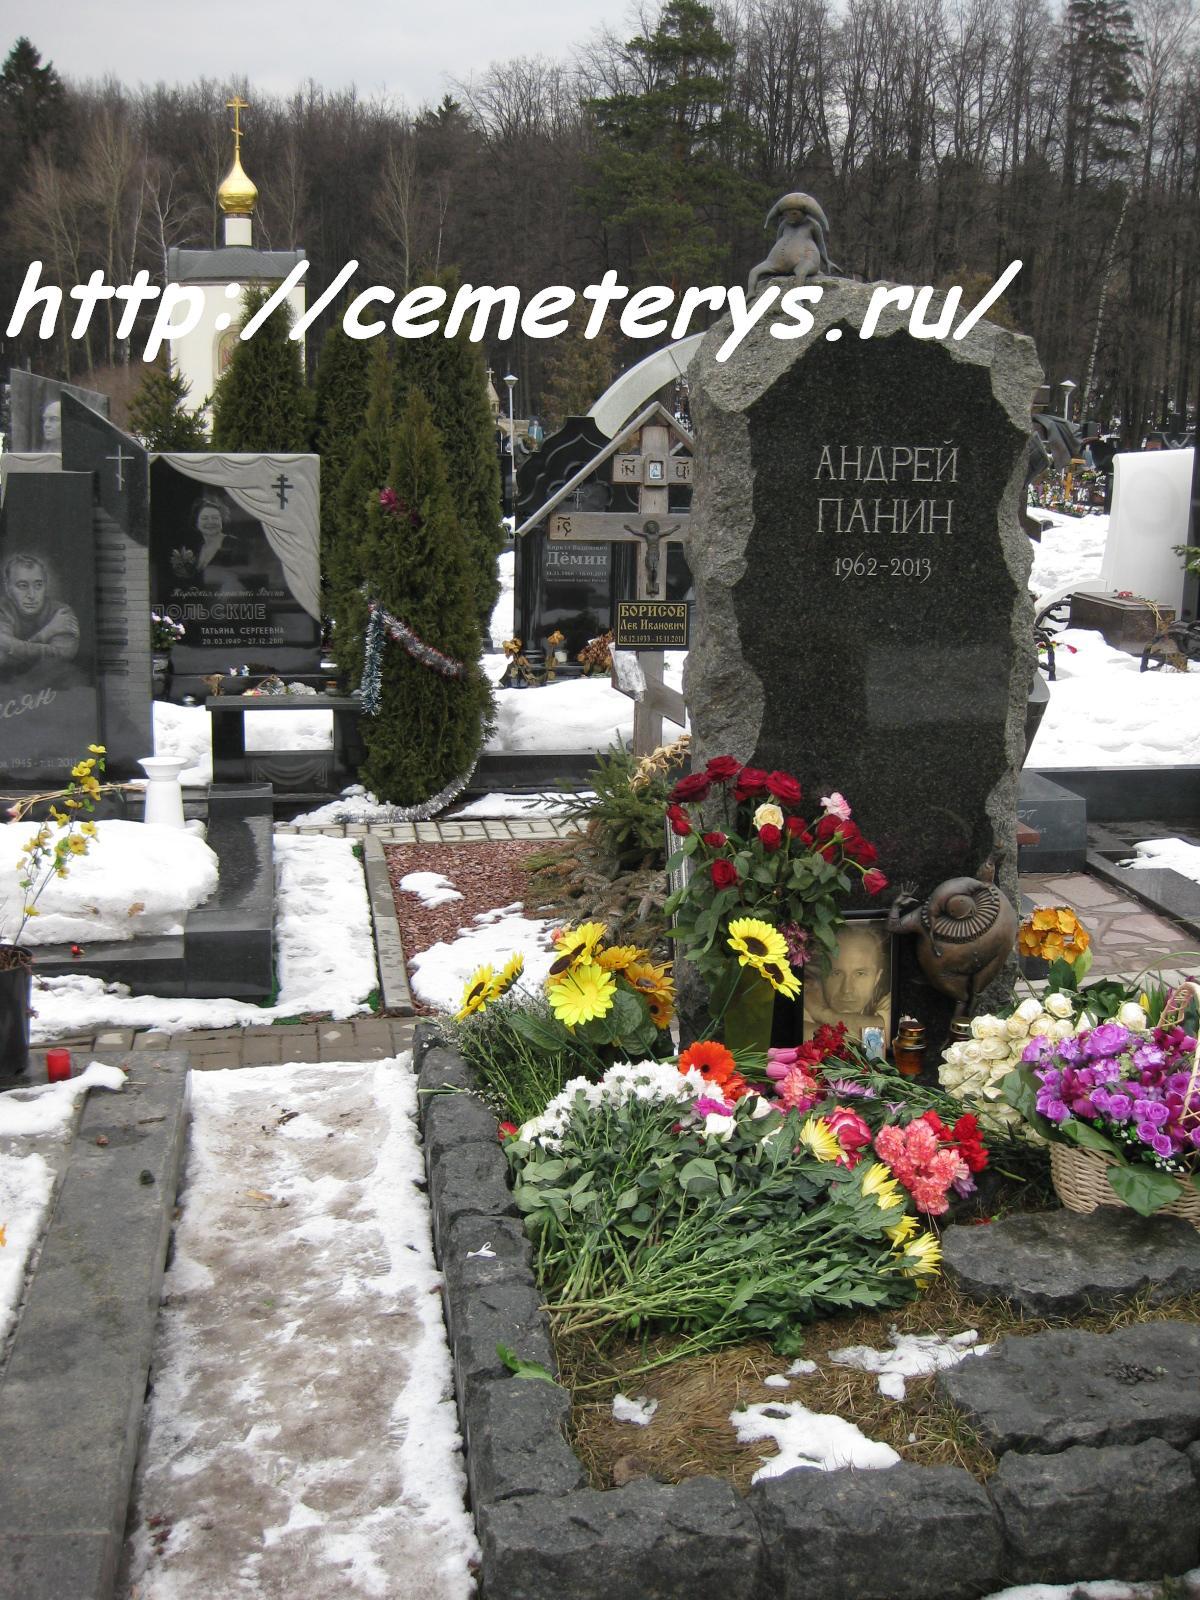 могила Андрея Панина на Троекуровском кладбище в Москве ( фото Дмитрия Кондратьева)